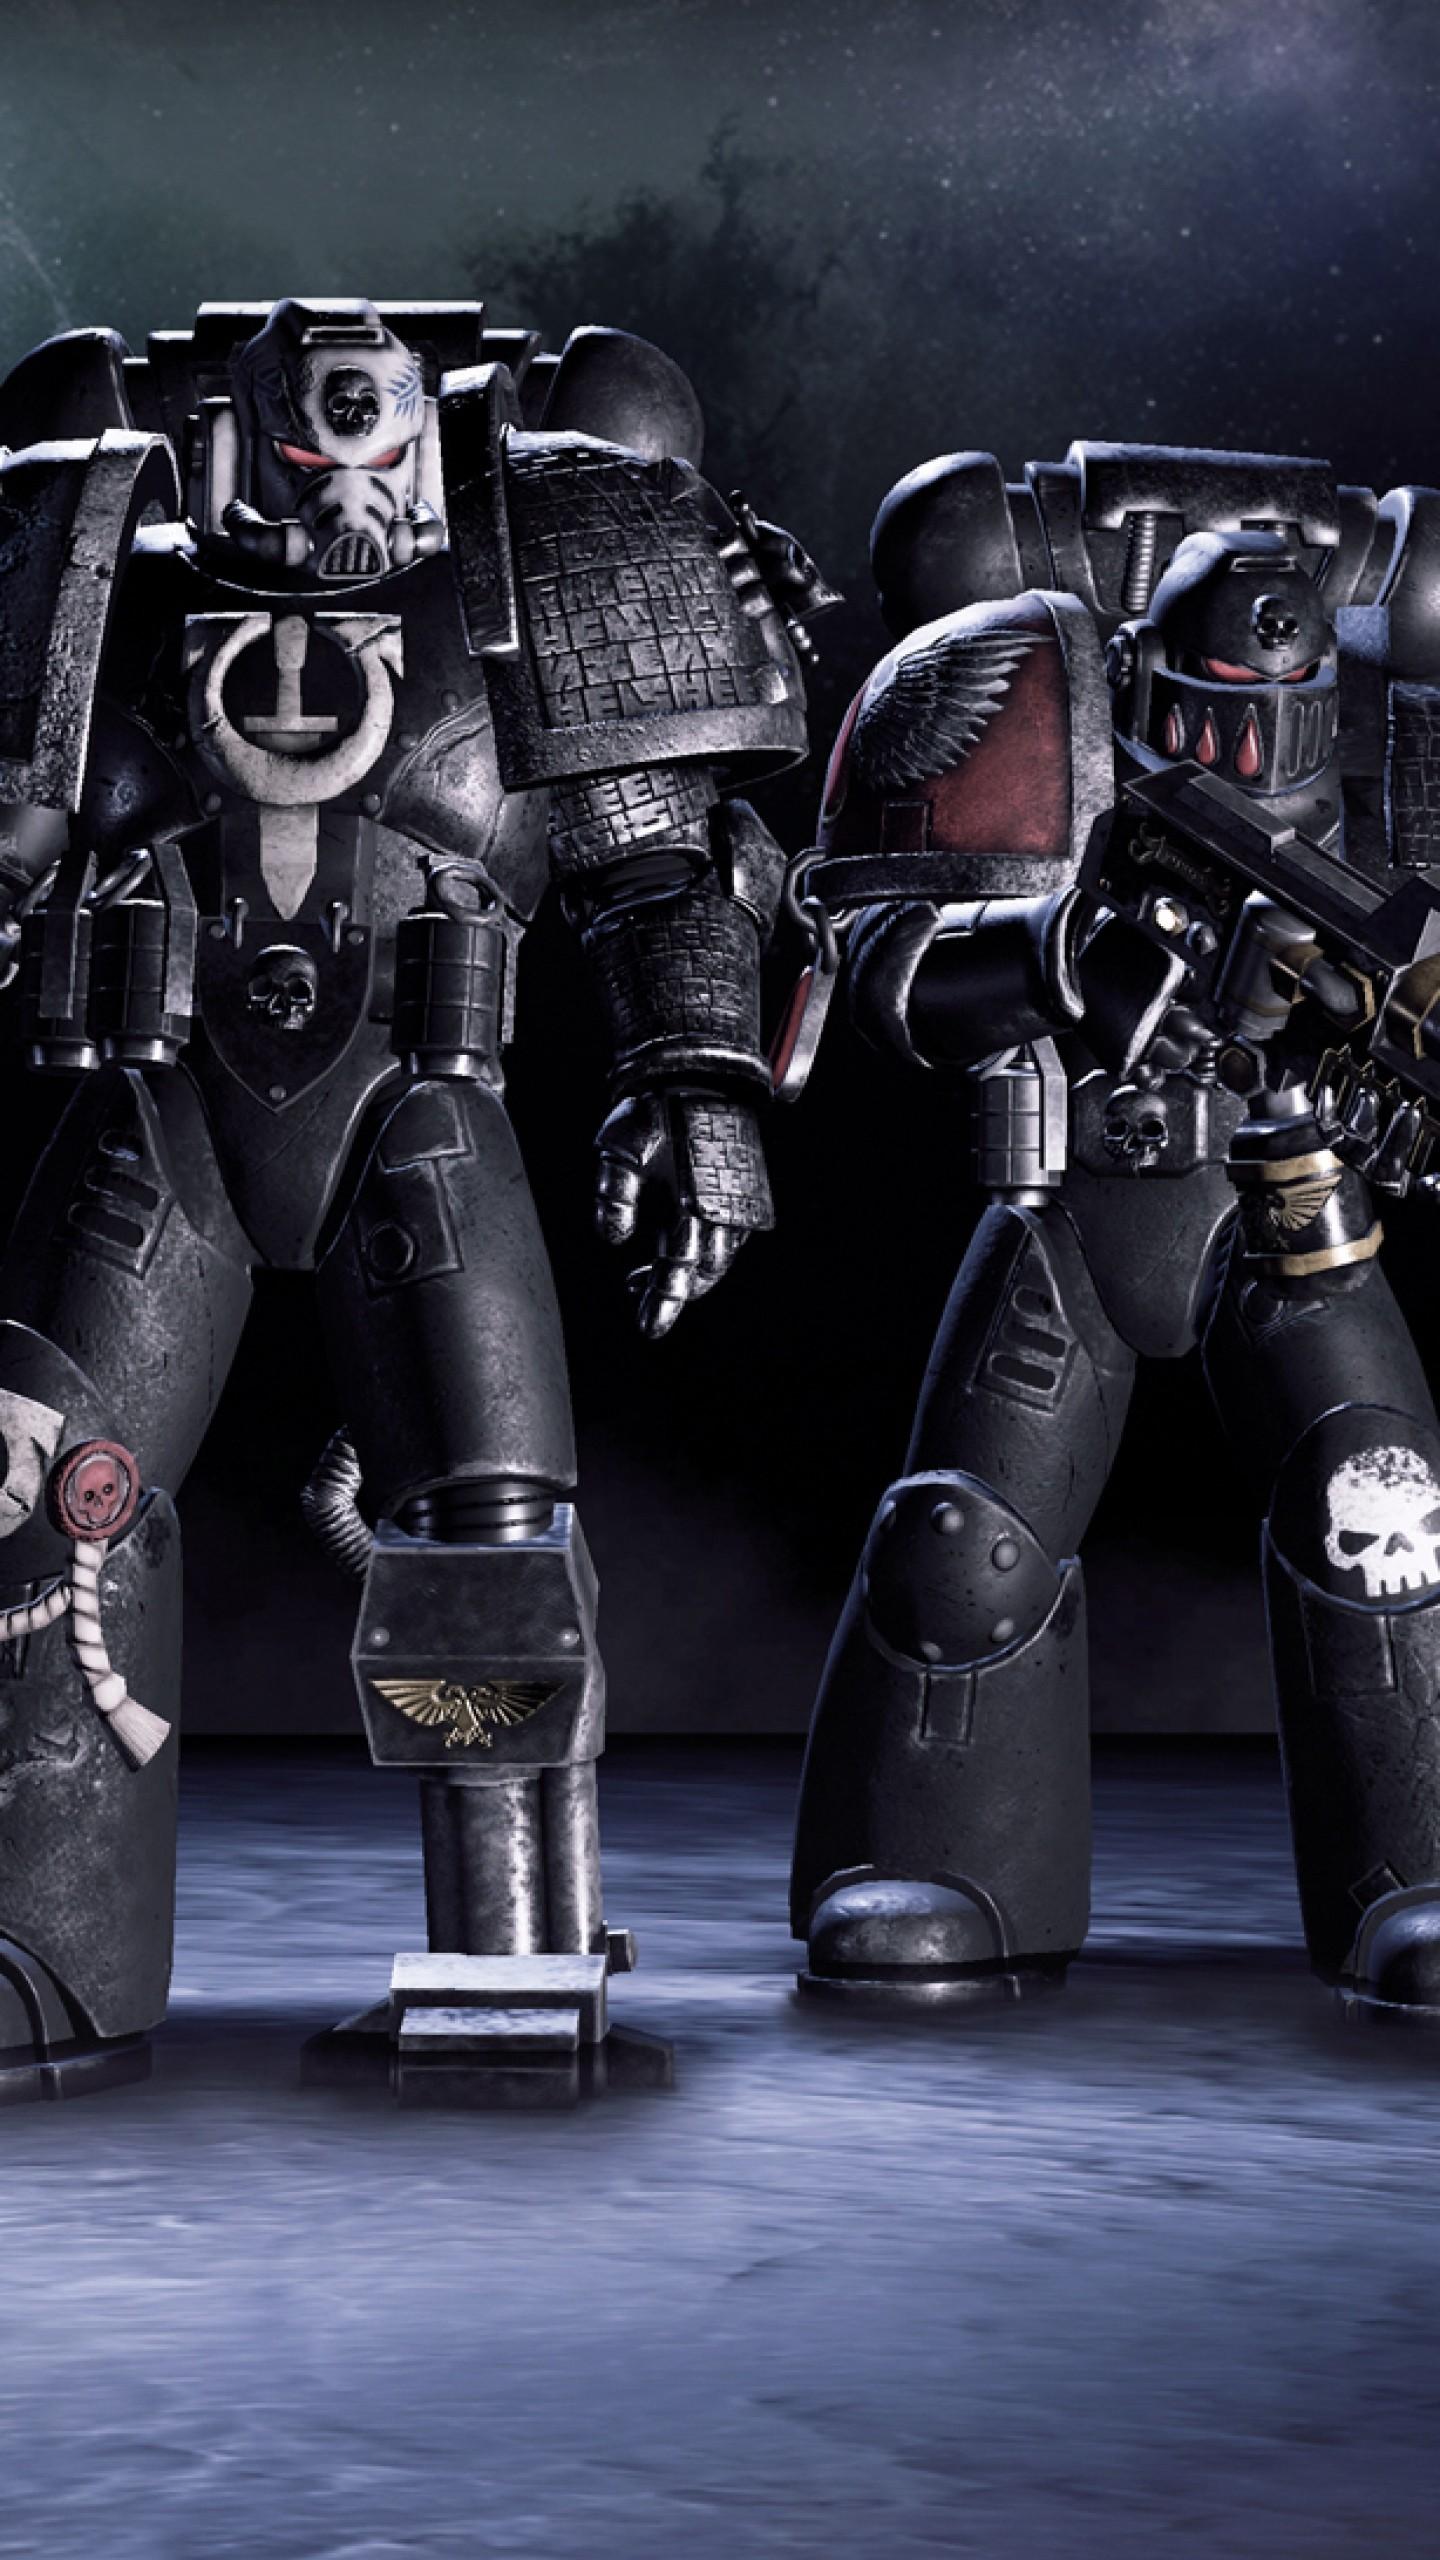 Wallpaper warhammer 40k, deathwatch, tyranid invasion, soldiers,  armor, weapons